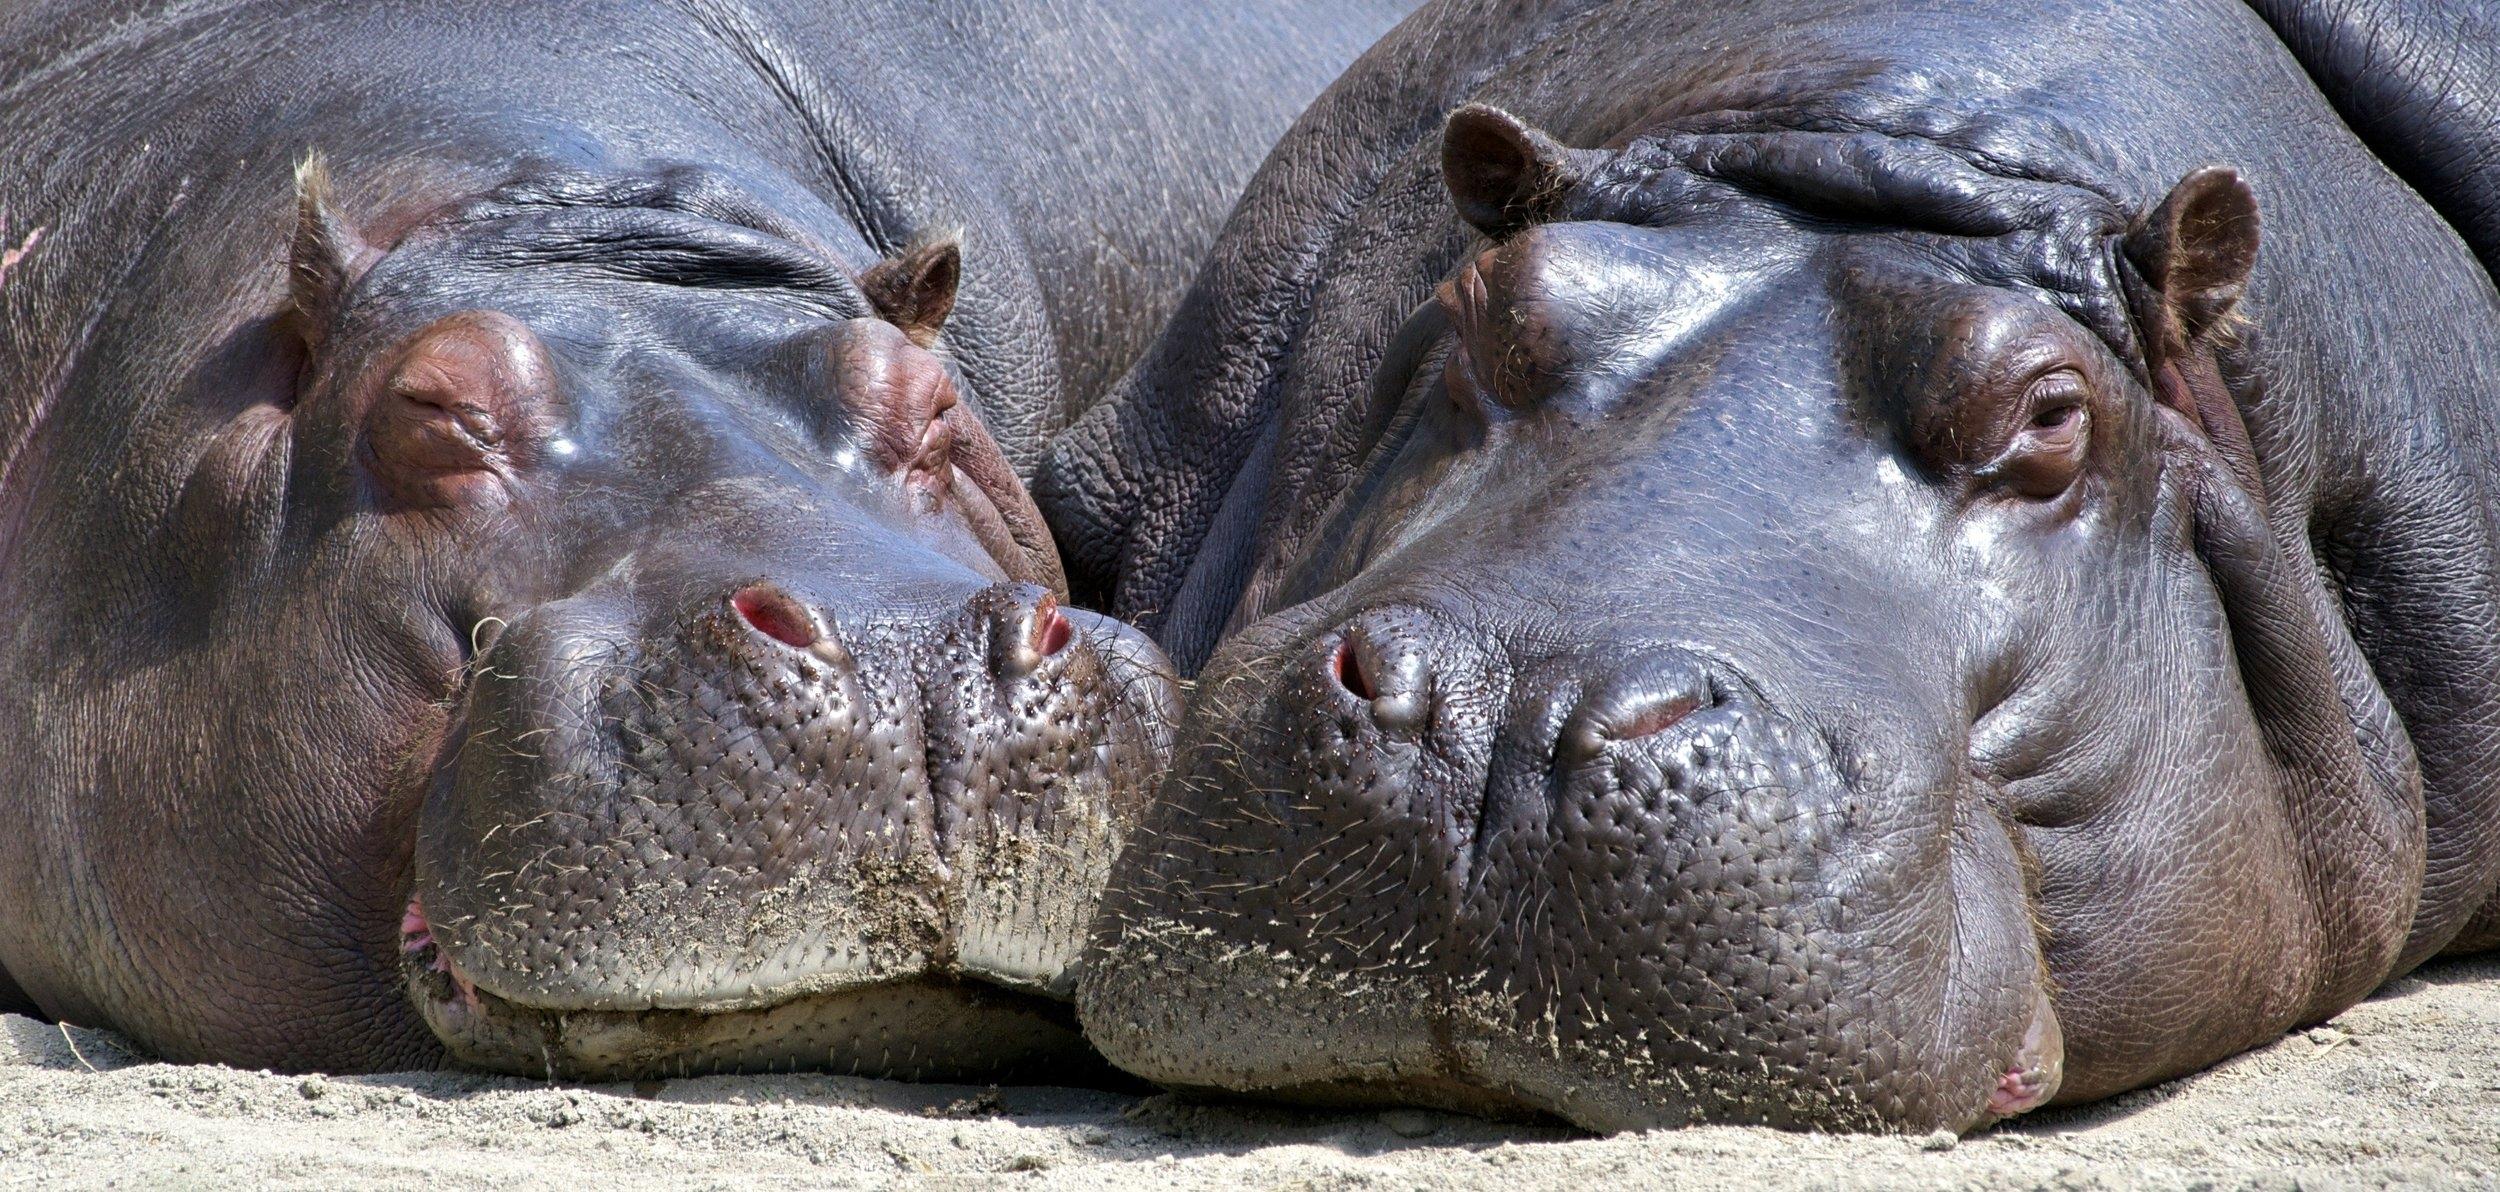 close-up-hippopotamuses-35995.jpg